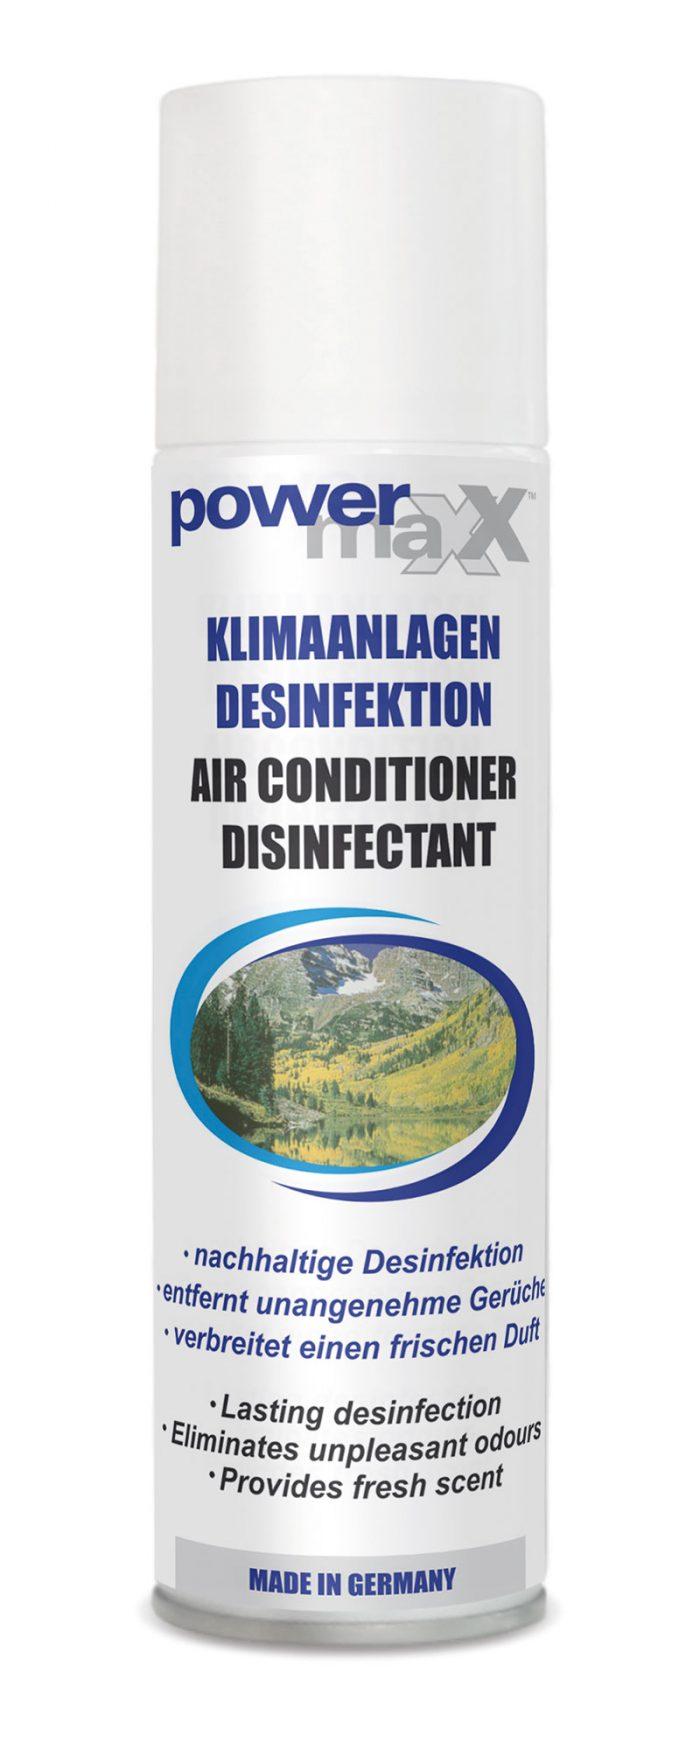 Air-Conditioner-Disinfectant